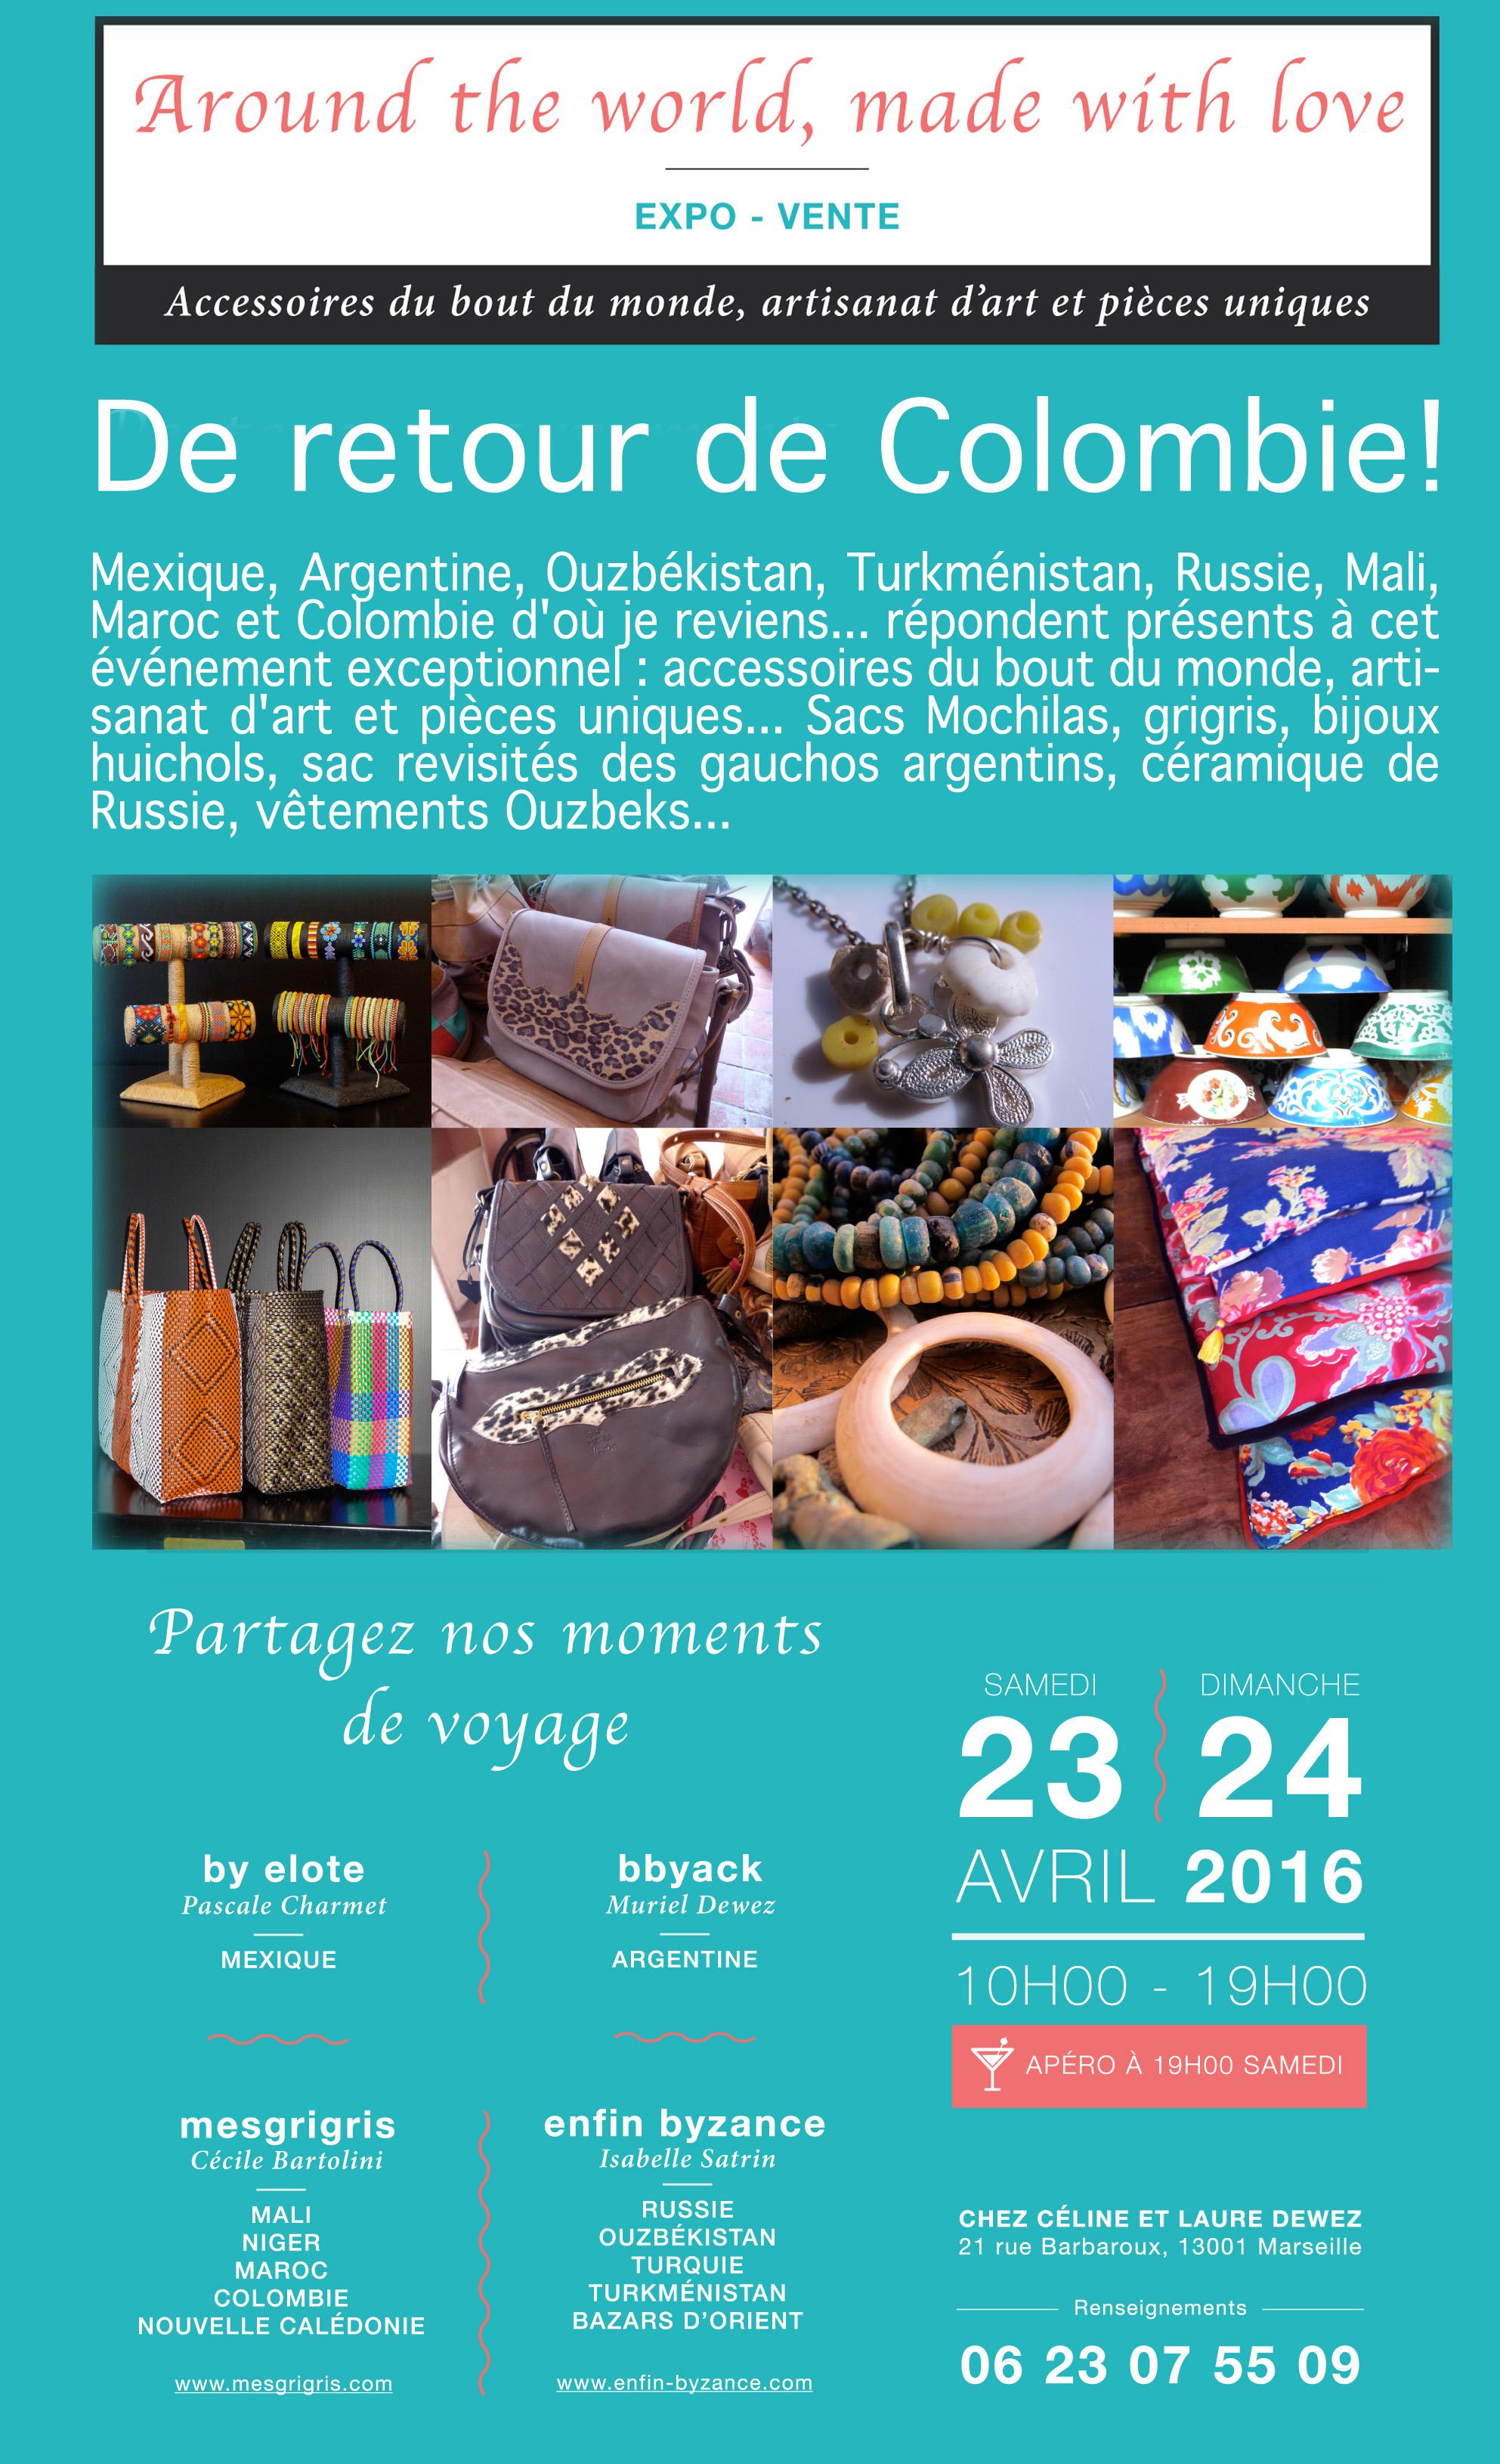 Expo vente avril 2016